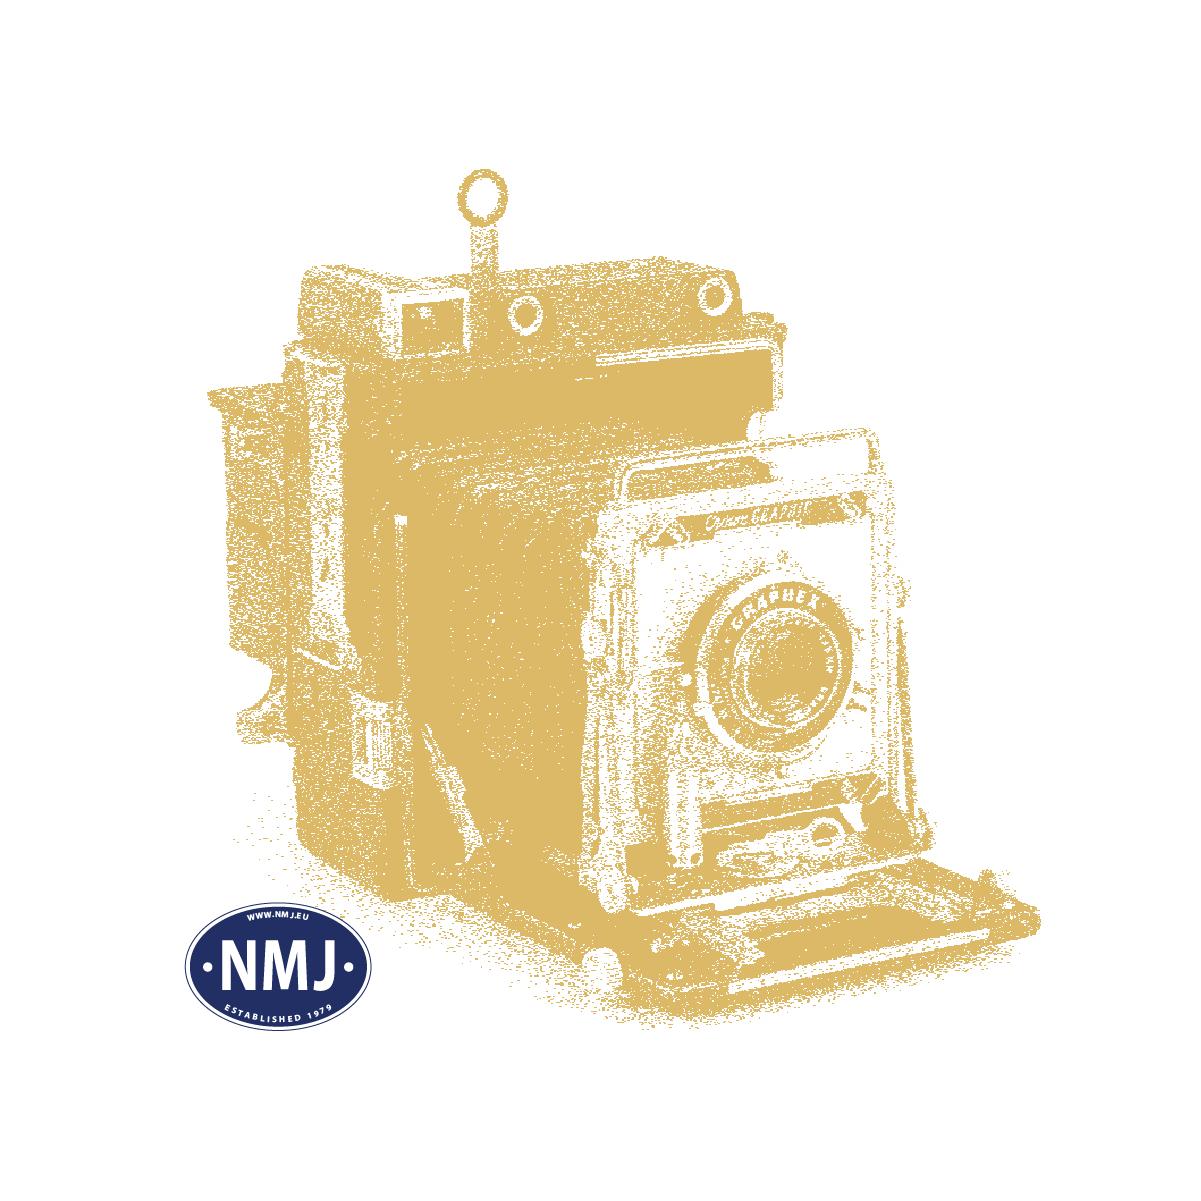 NMJT221.103 - NMJ Topline SJ Personvogn Co8d 3488